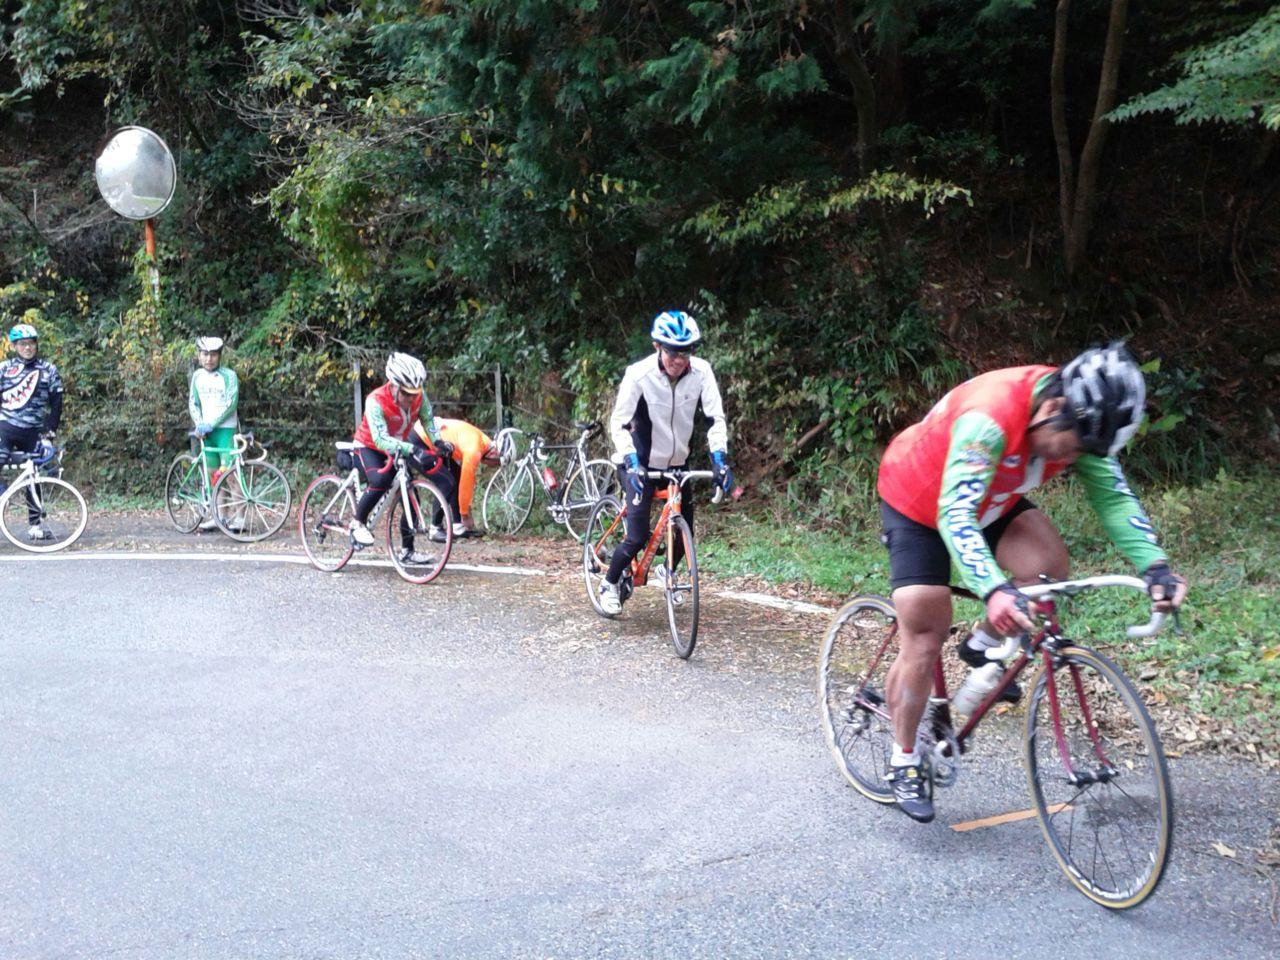 自転車の 自転車 東京 大阪 24時間 : ... 自転車 日記 自転車 仲間 ayabeda